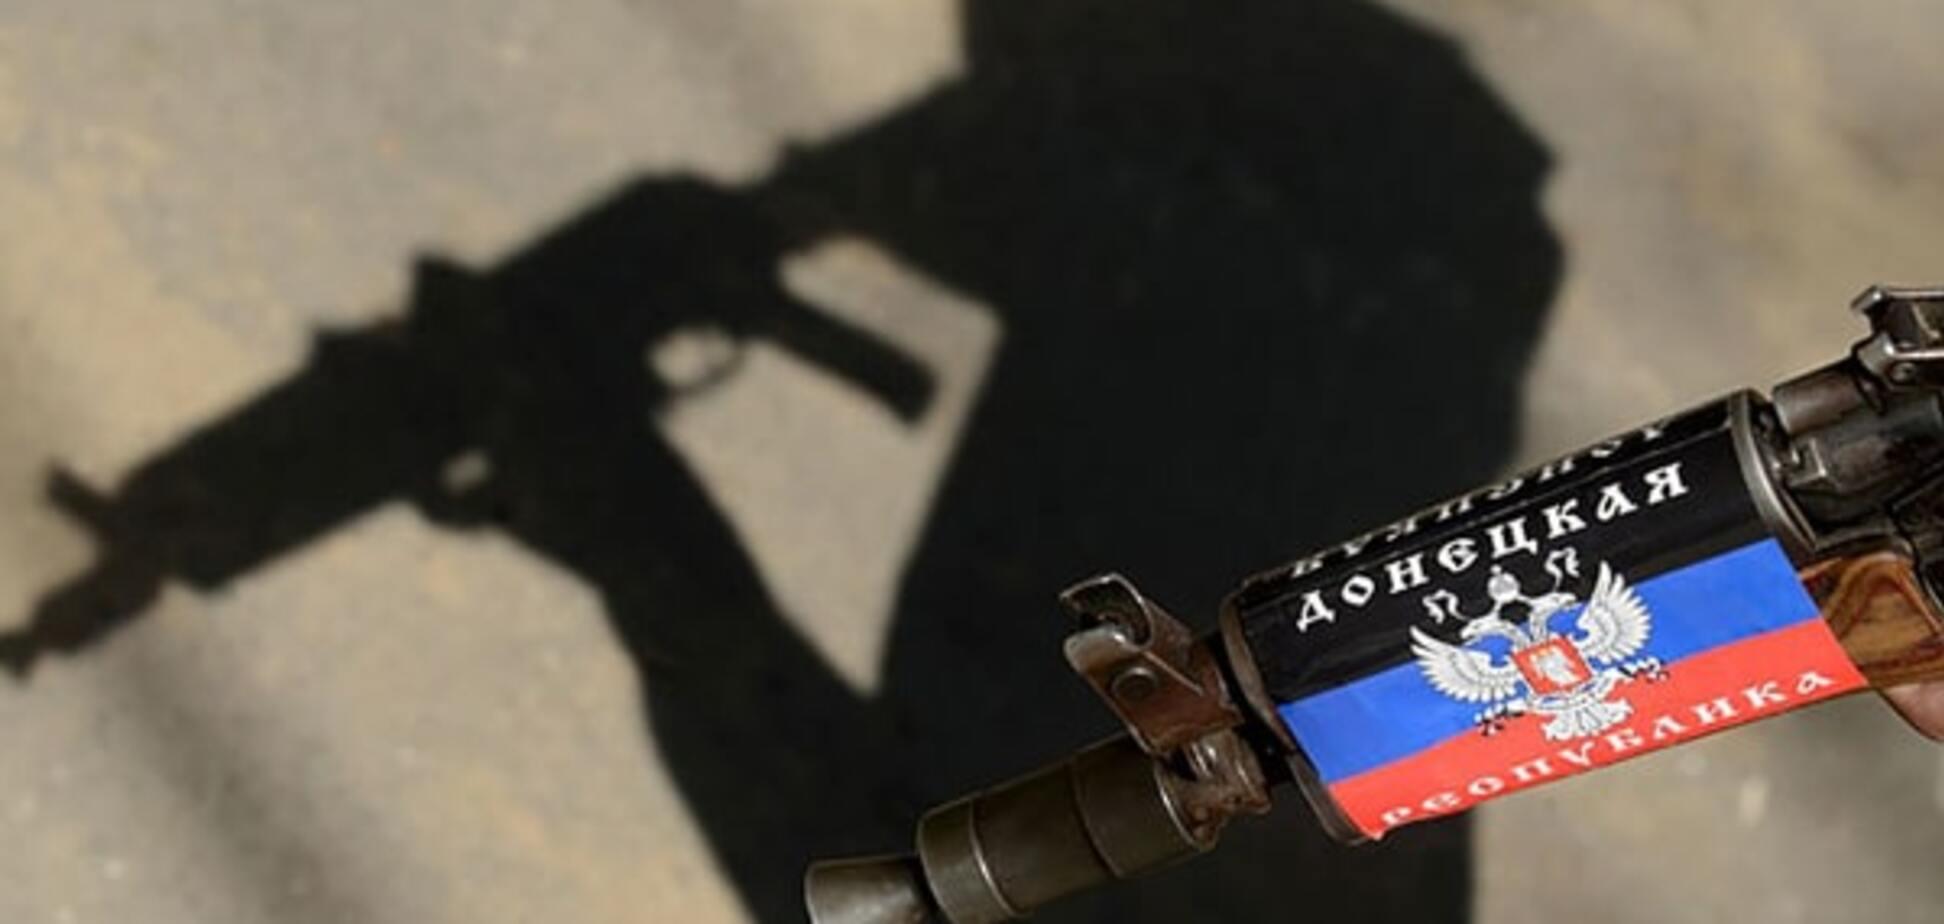 Терористи на Донбасі влаштували 'маскарад' із формою ВСУ